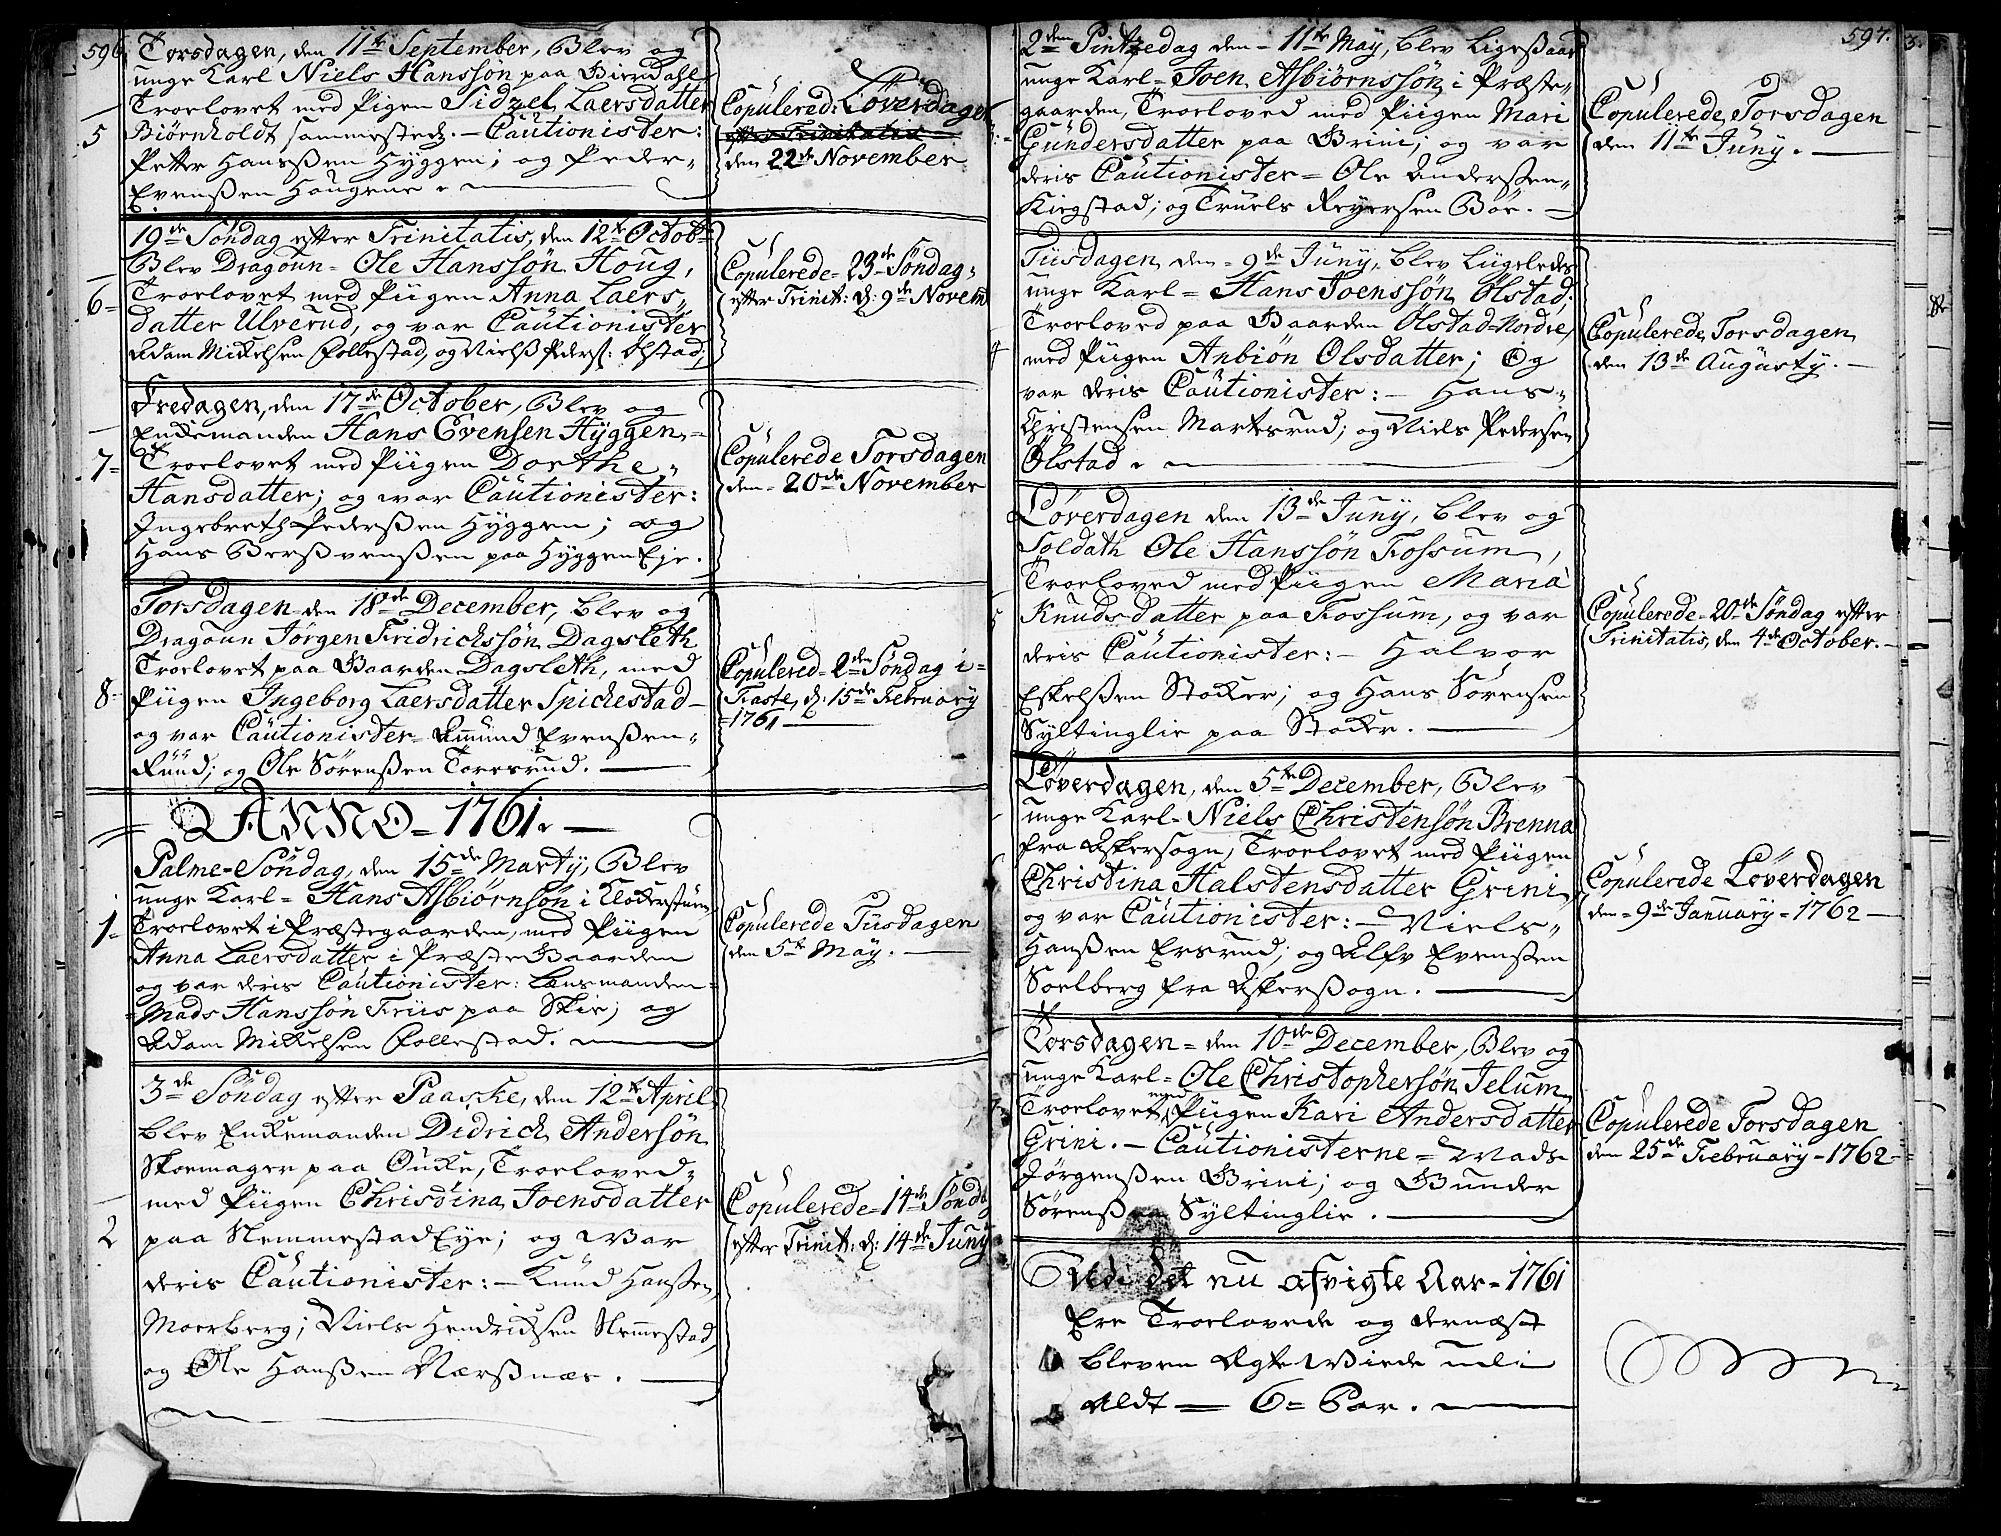 SAKO, Røyken kirkebøker, G/Ga/L0001: Klokkerbok nr. 1, 1740-1768, s. 596-597